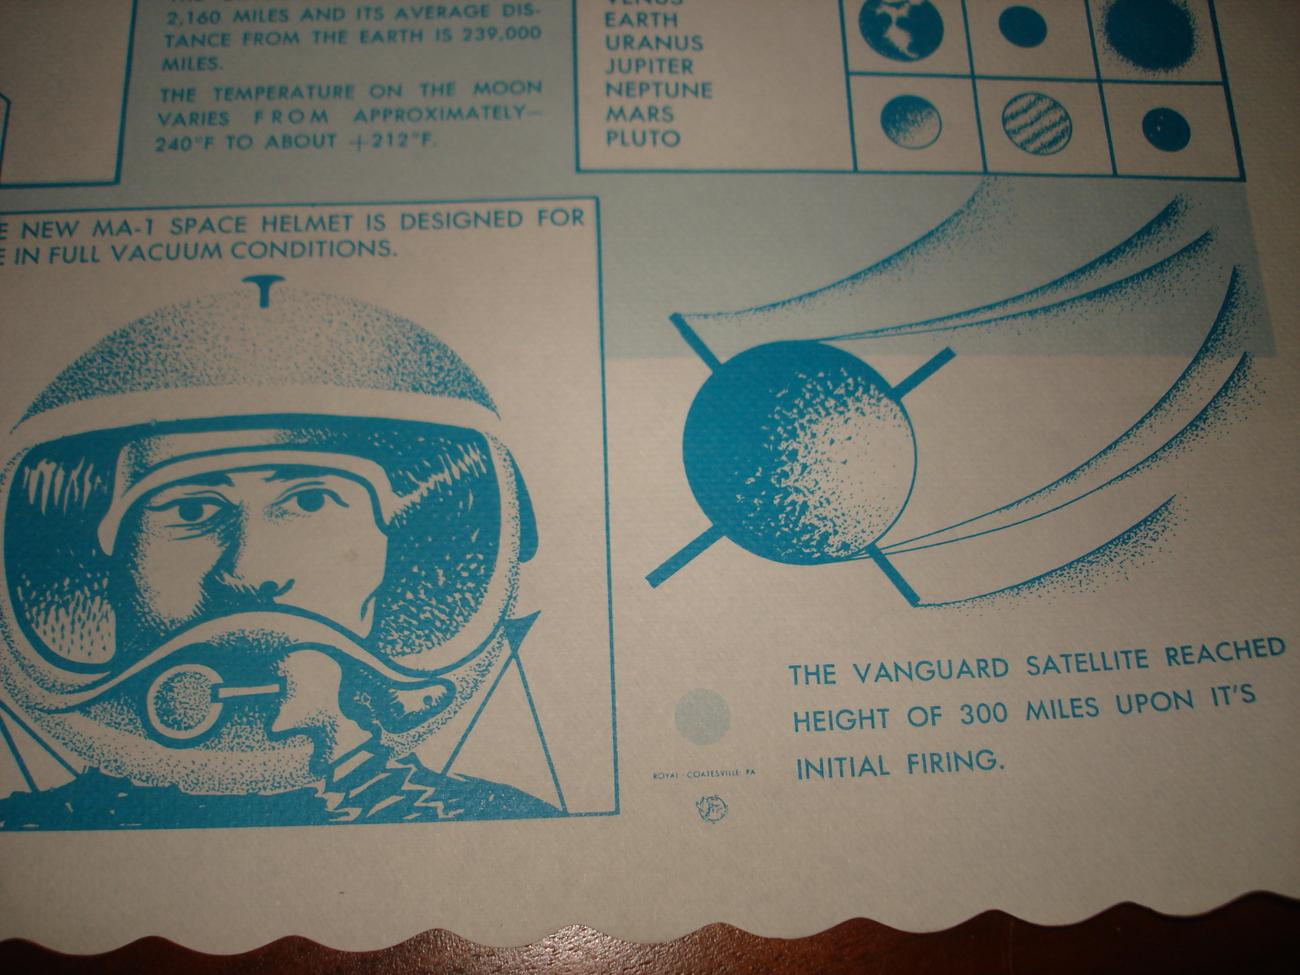 3 VINTAGE 1962 RESTAURANT DINER PAPER PLACEMATS SPACE THEME ROCKETS JUPITER